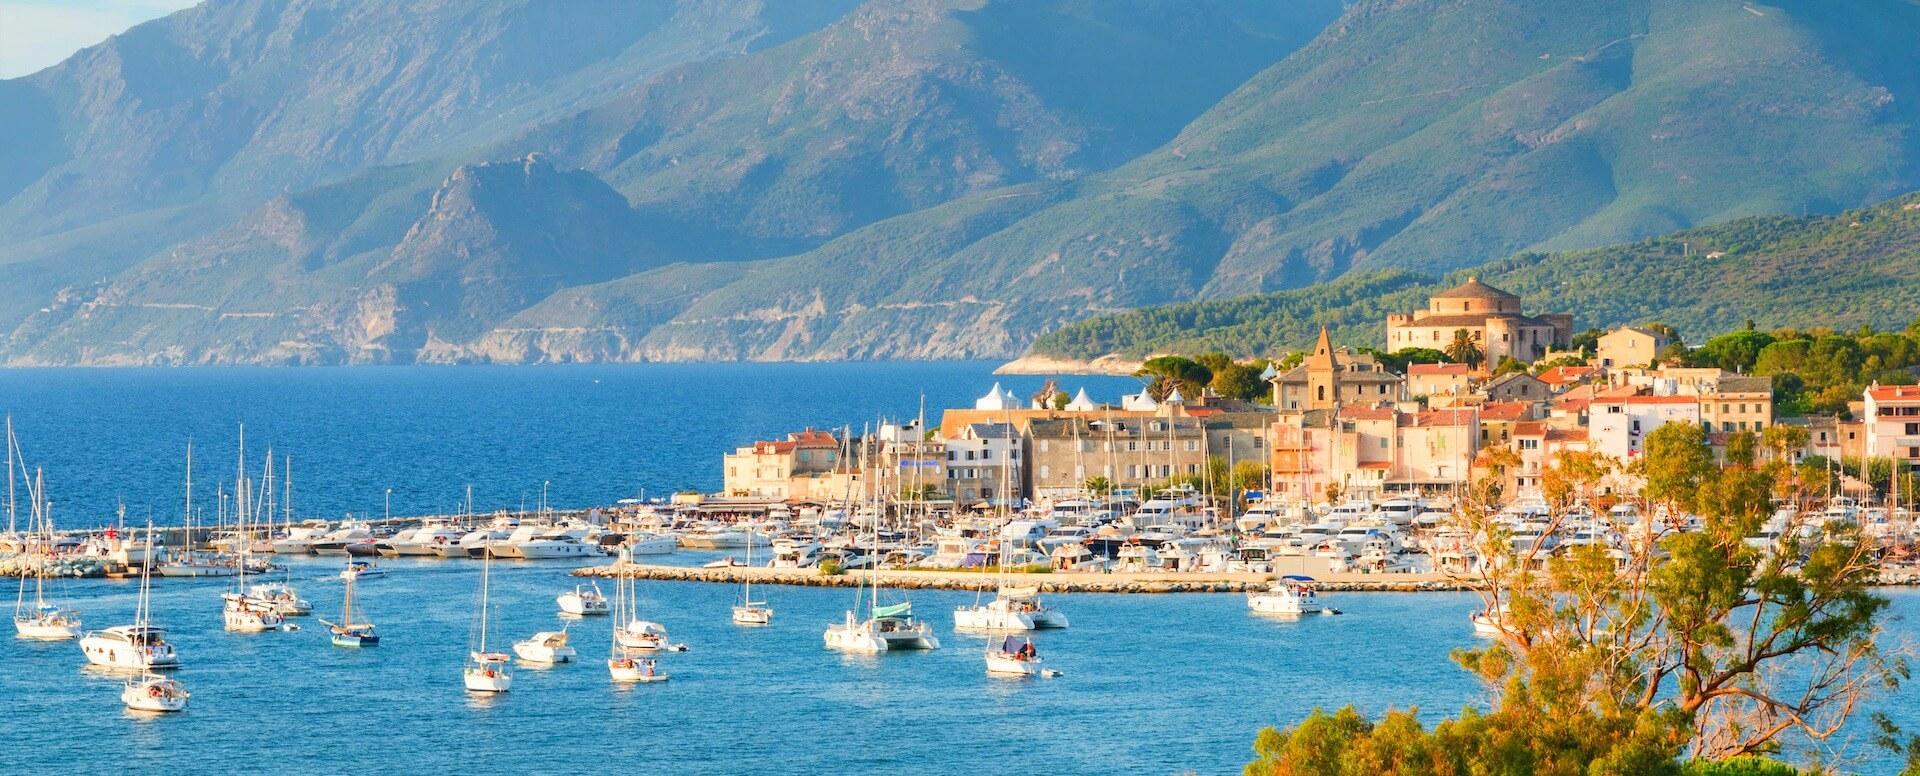 Que faire en Corse ? Guide des activités - Corse